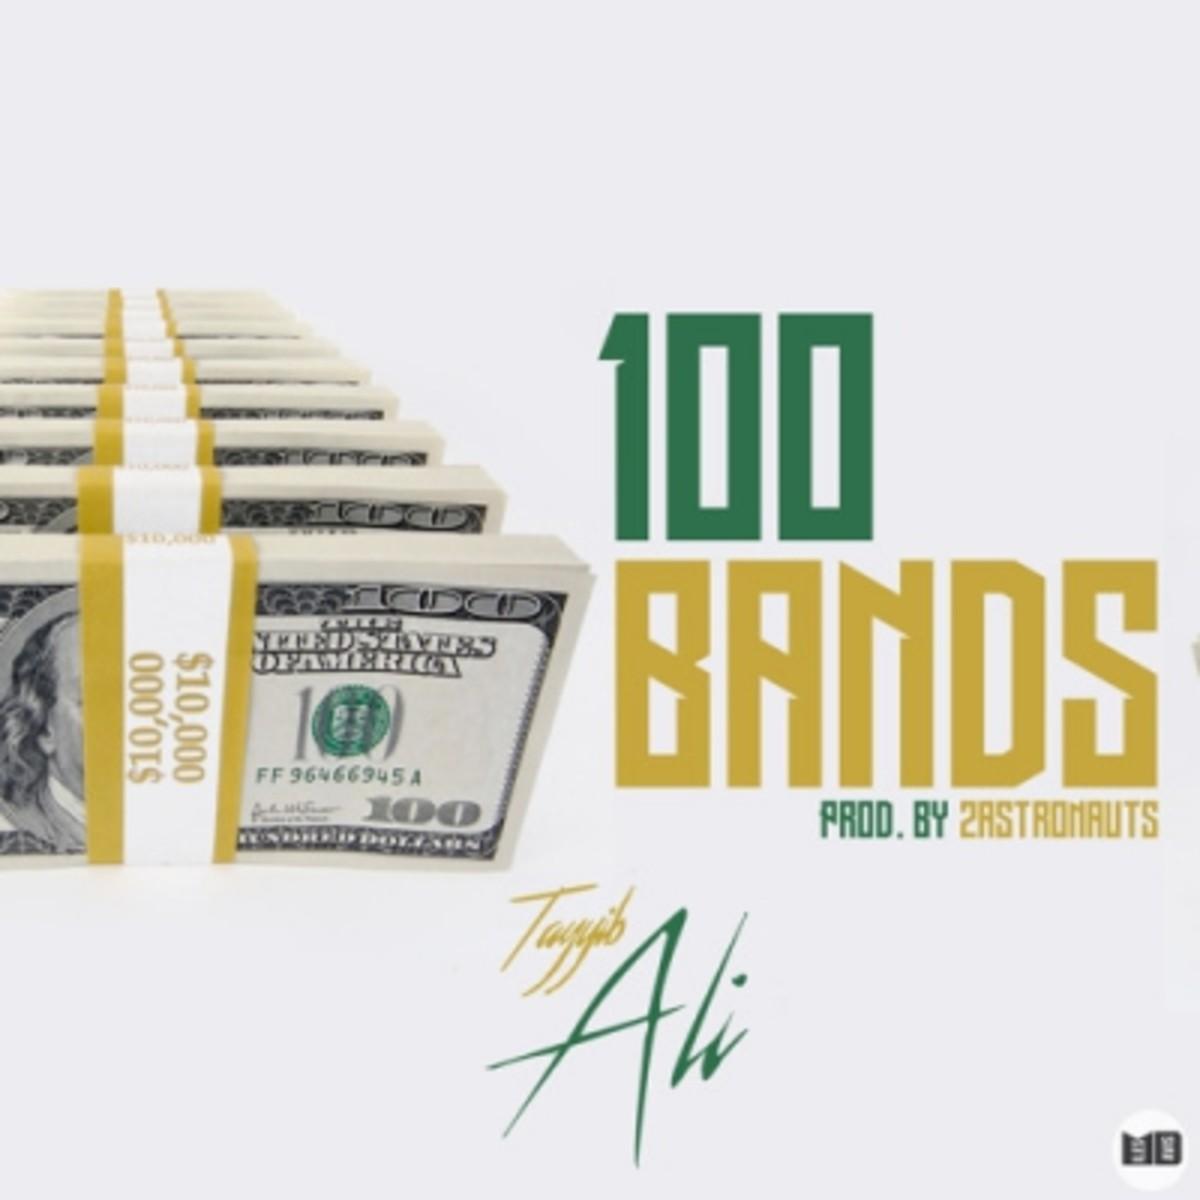 tayyib-ali-100-bands.jpg